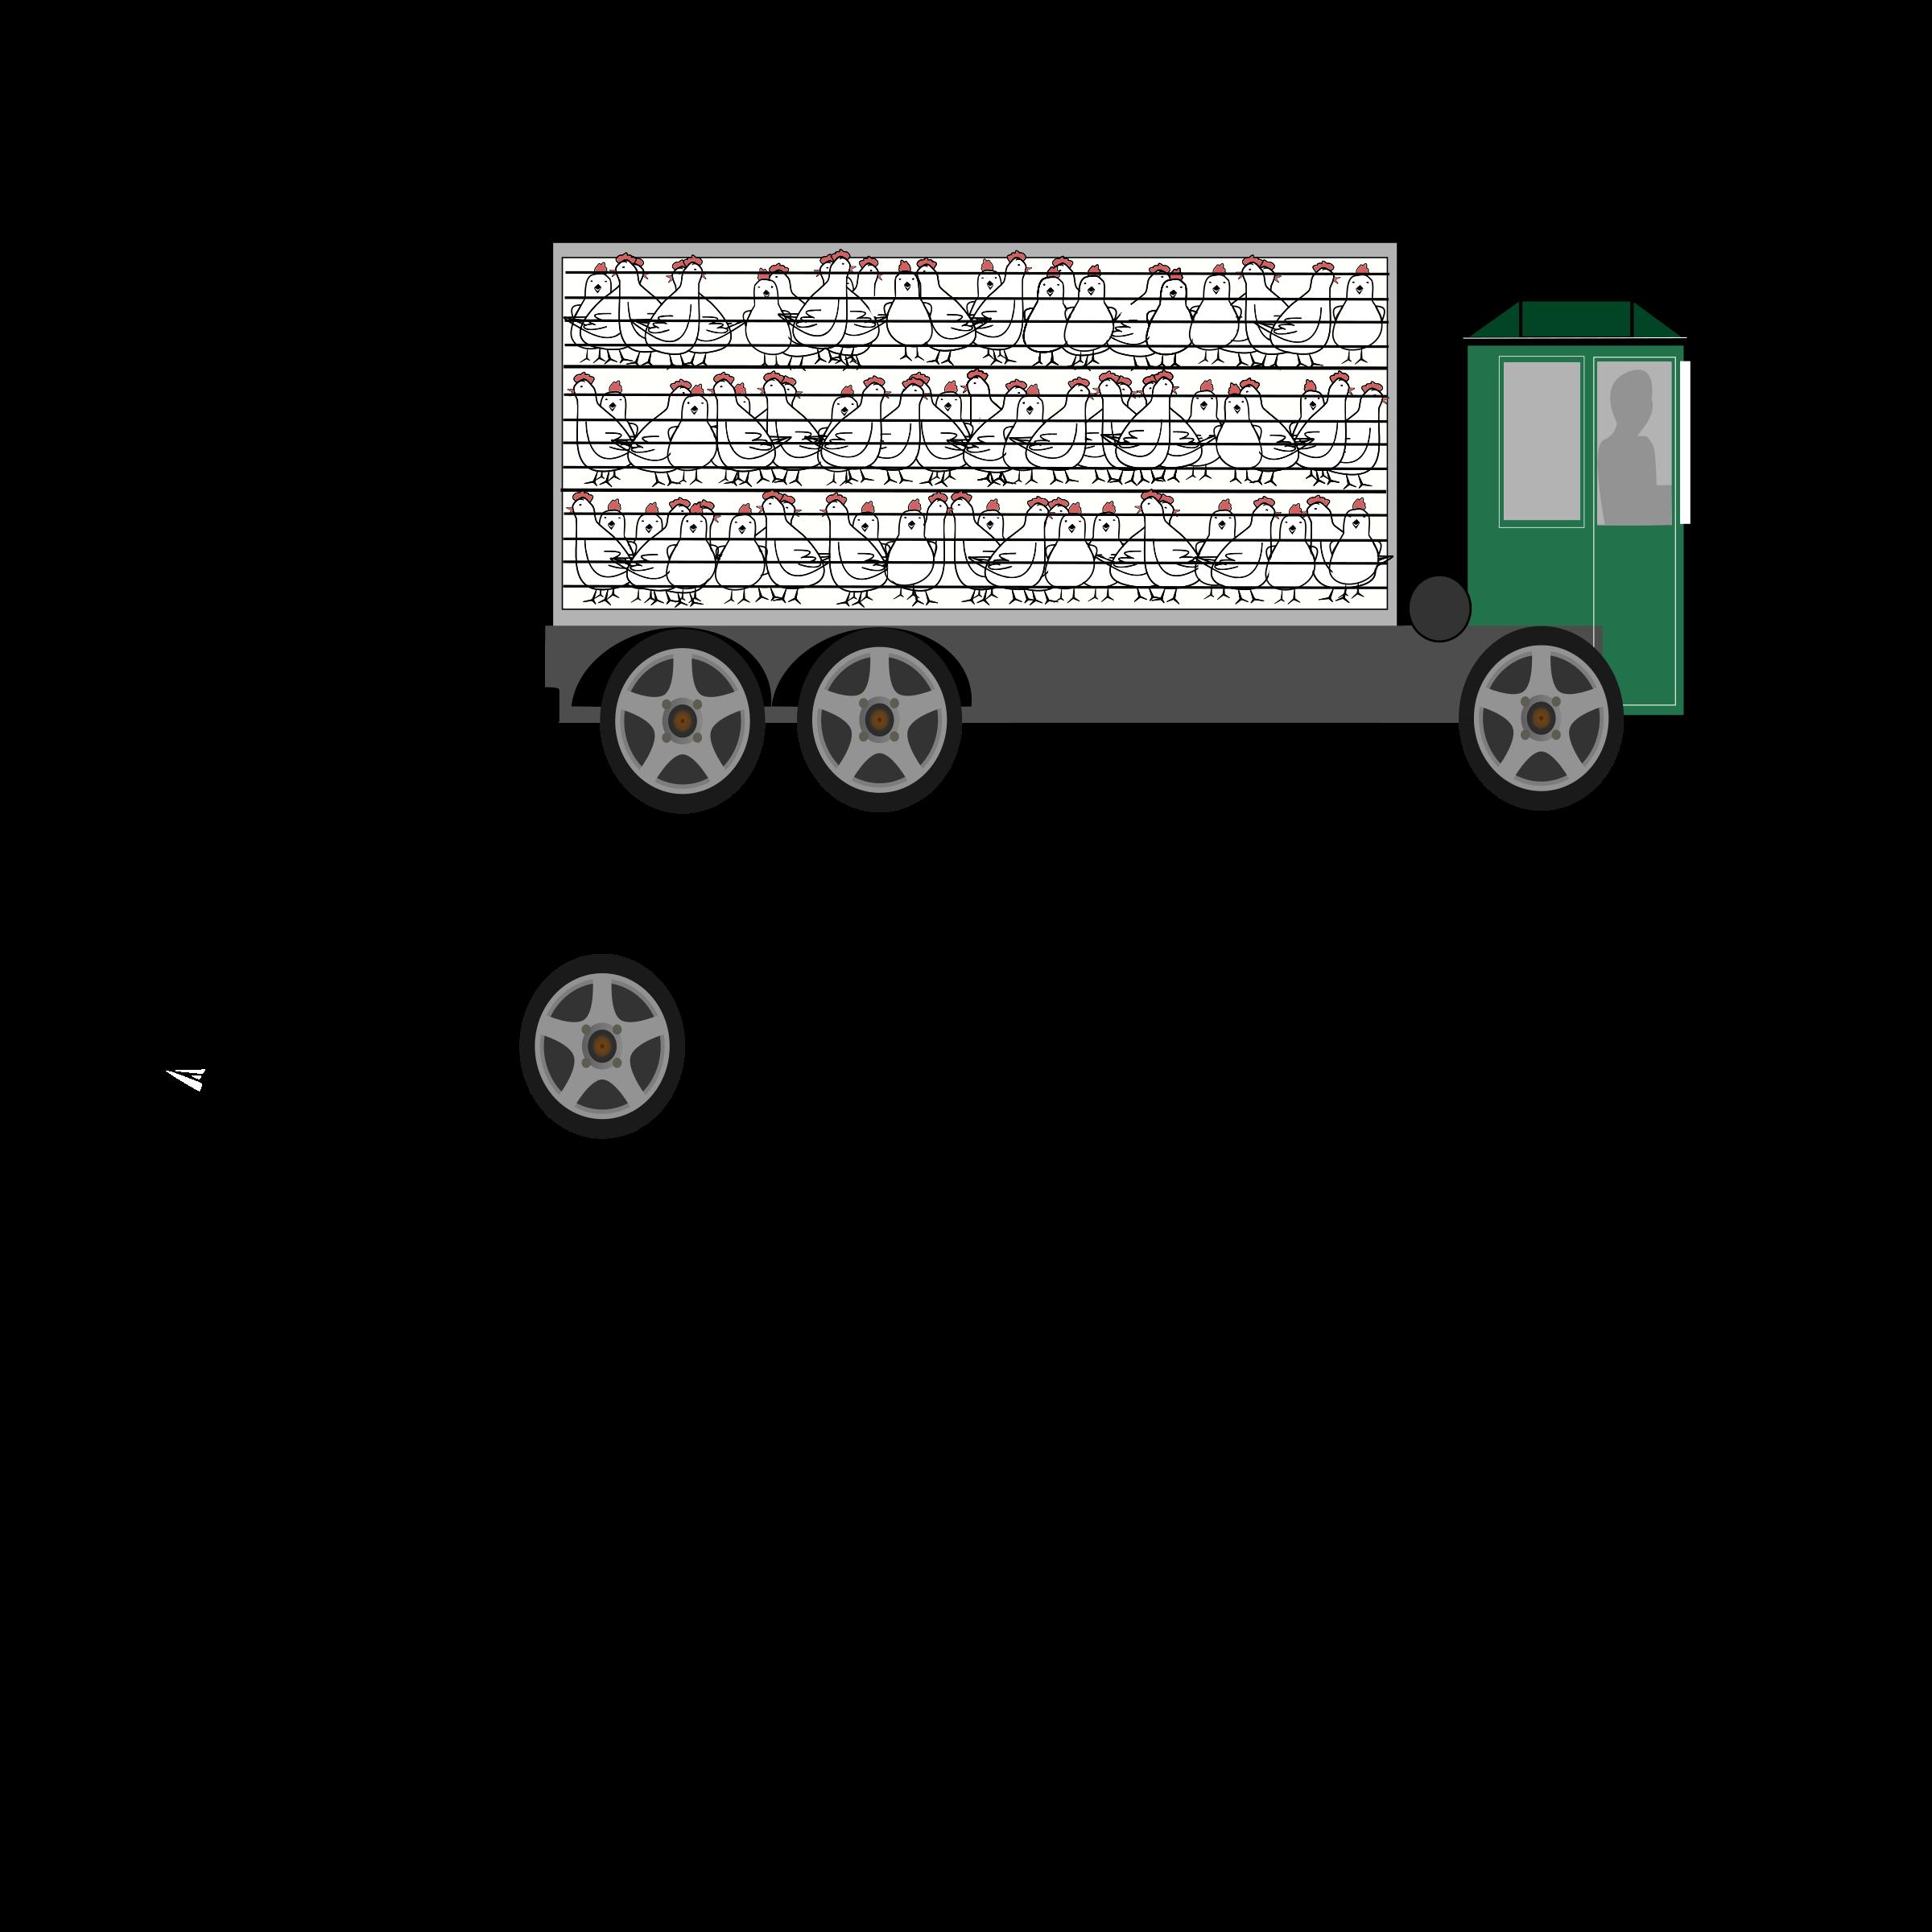 Transportation clipart animal, Transportation animal.